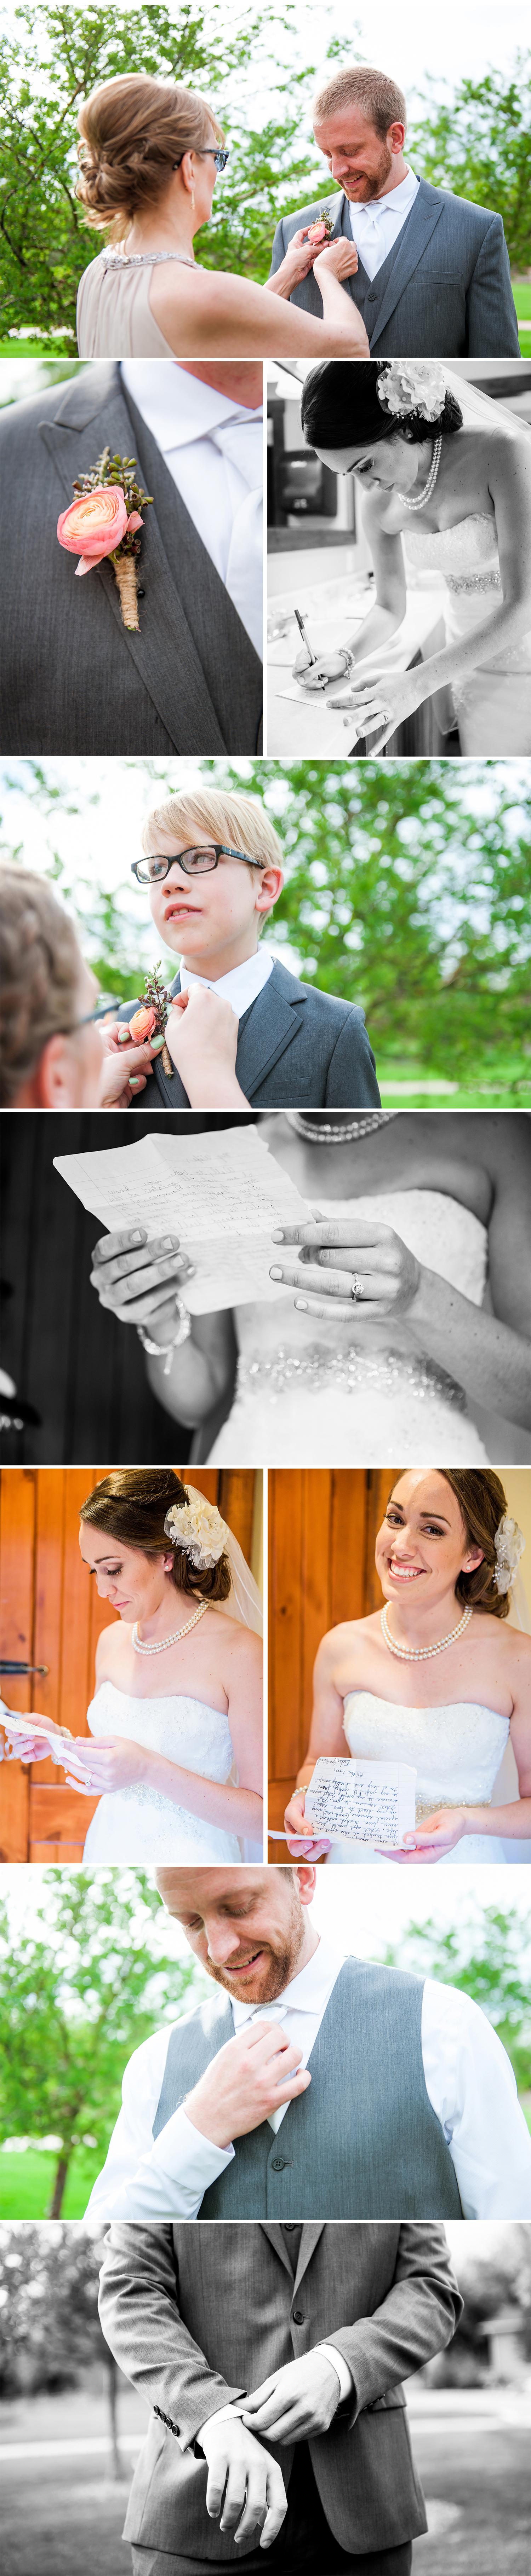 2_denver wedding photography.jpg